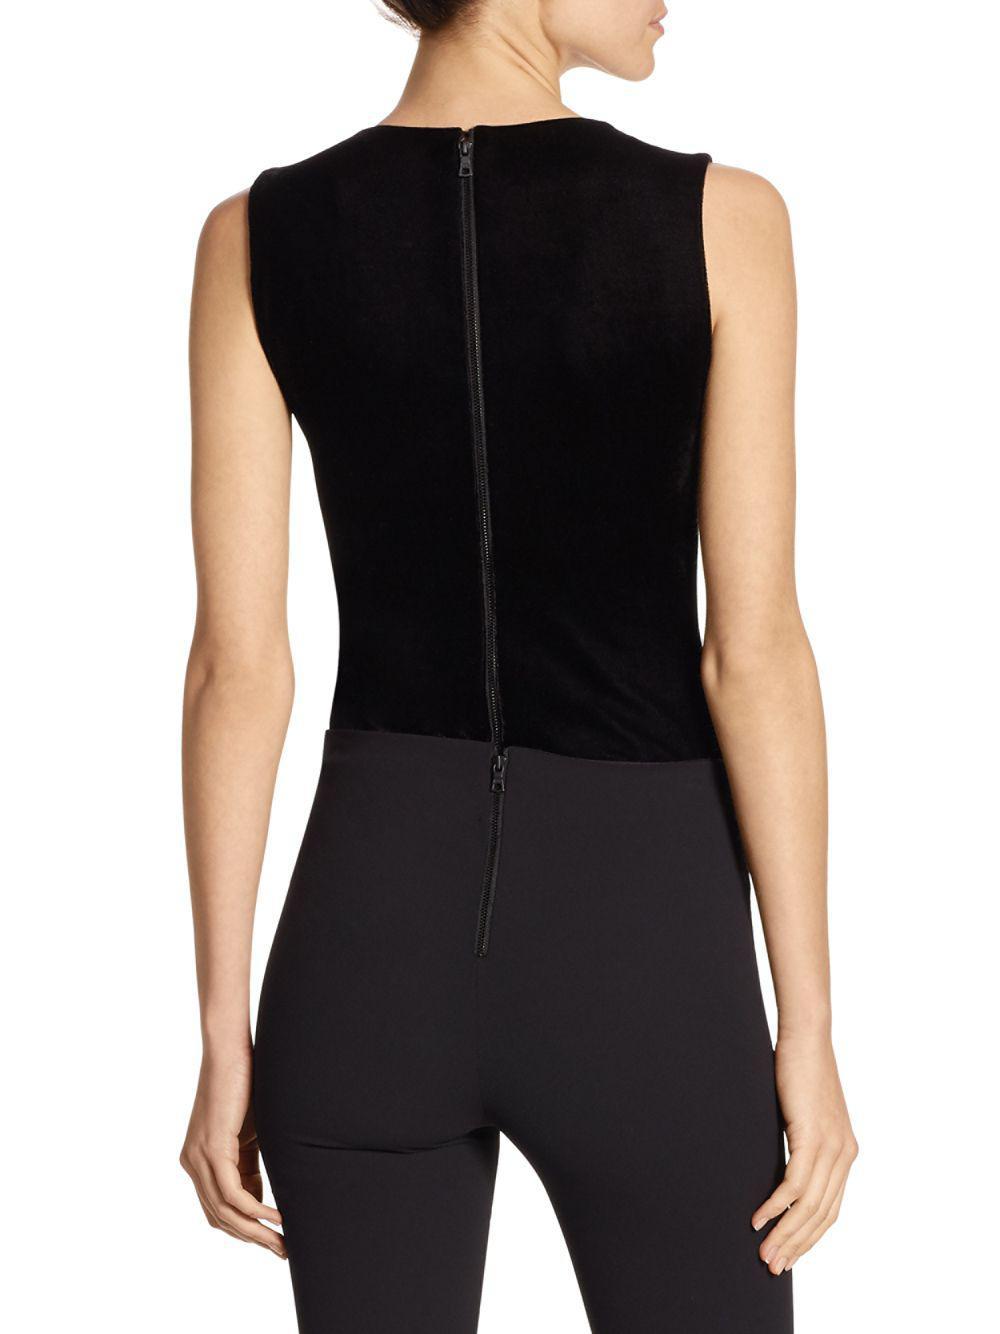 6631615e64ed7 Lyst - Alice + Olivia Marley V-neck Bodysuit in Black